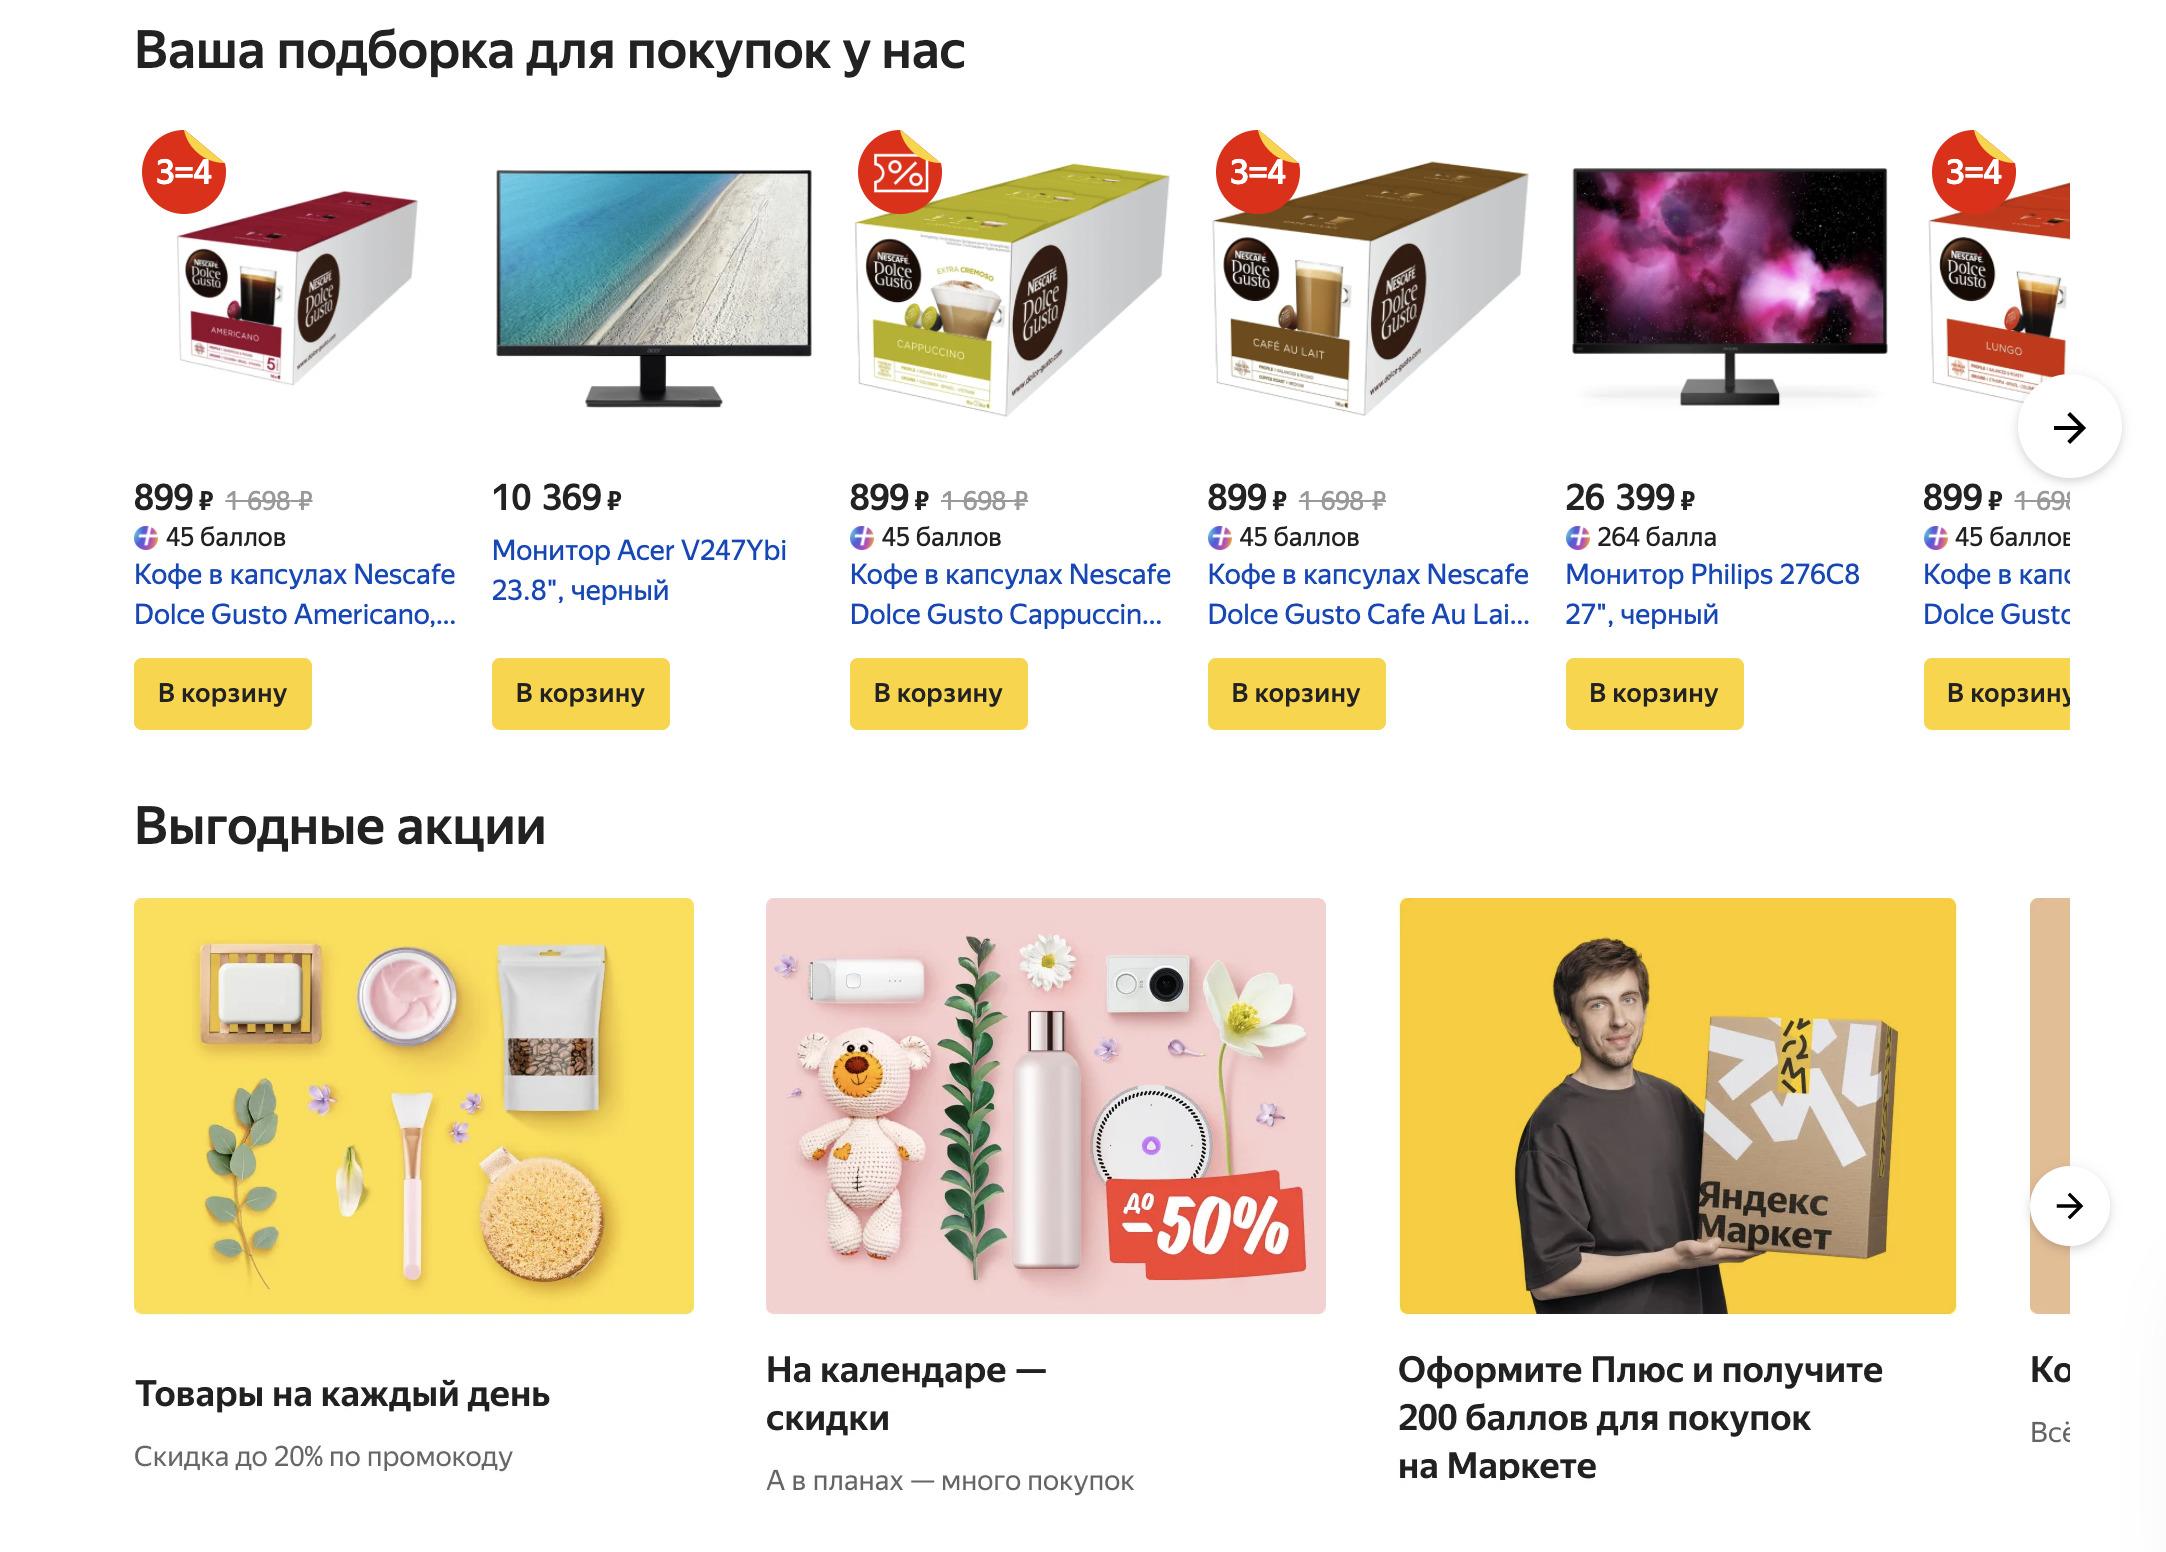 Доставка из Яндекс.Маркет в Урус-Мартан, сроки, пункты выдачи, каталог